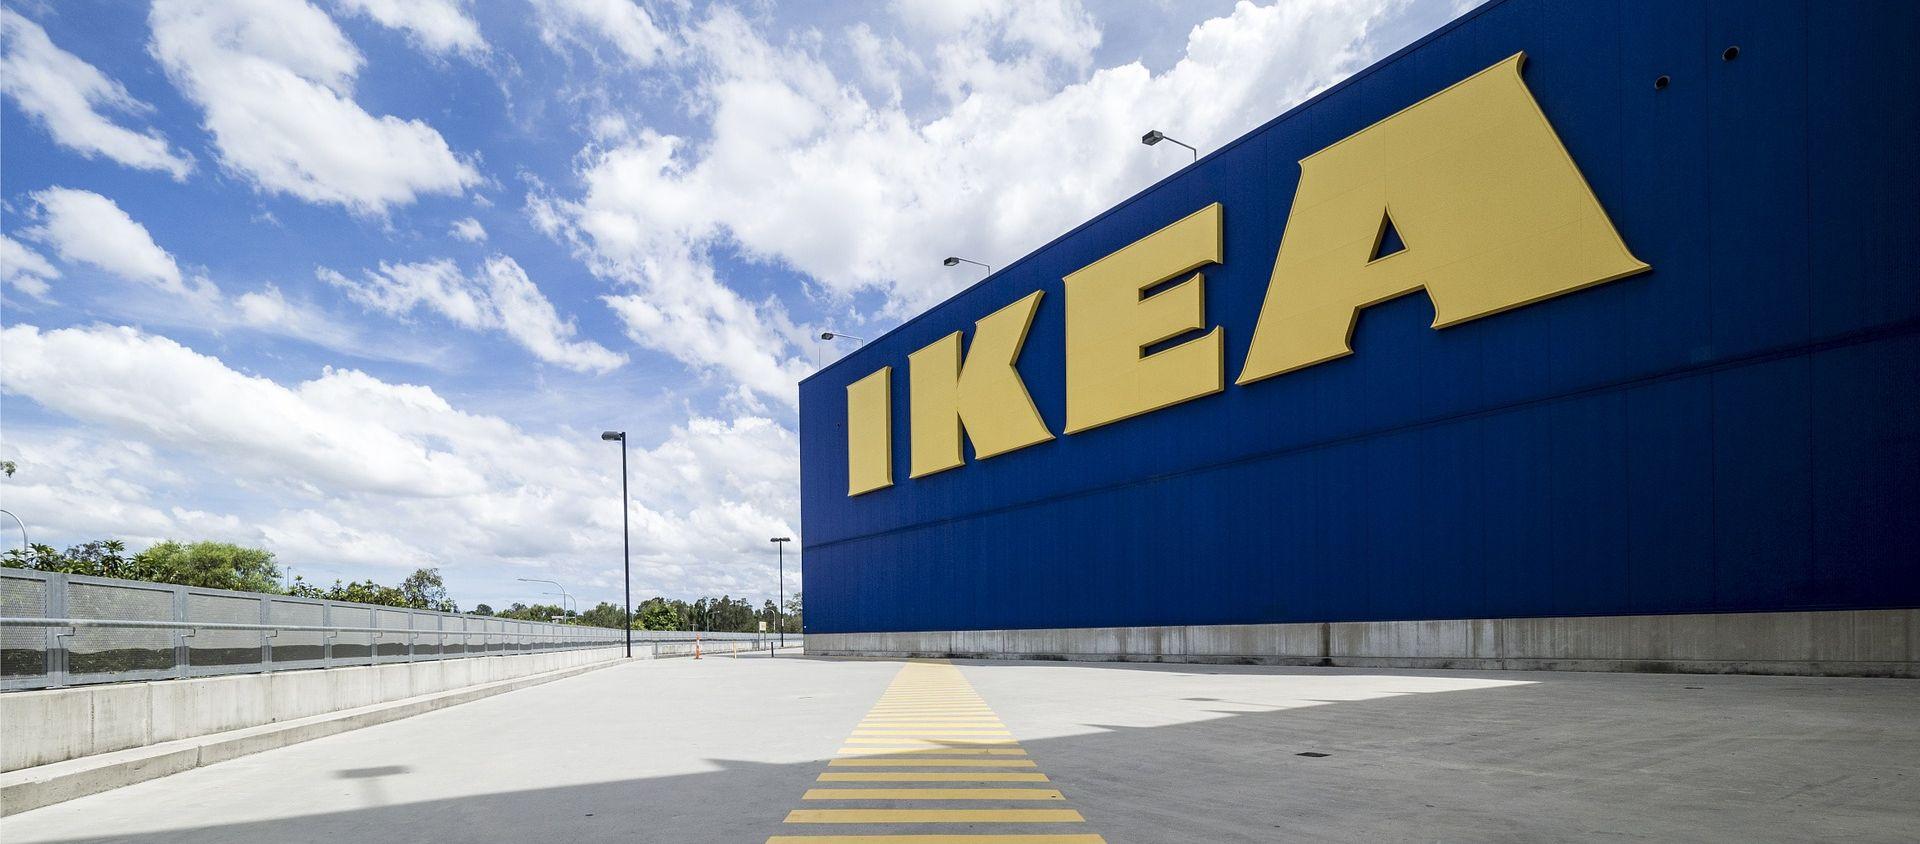 ZAGREB Evakuirana robna kuća Ikea, viličar slučajno upalio alarm